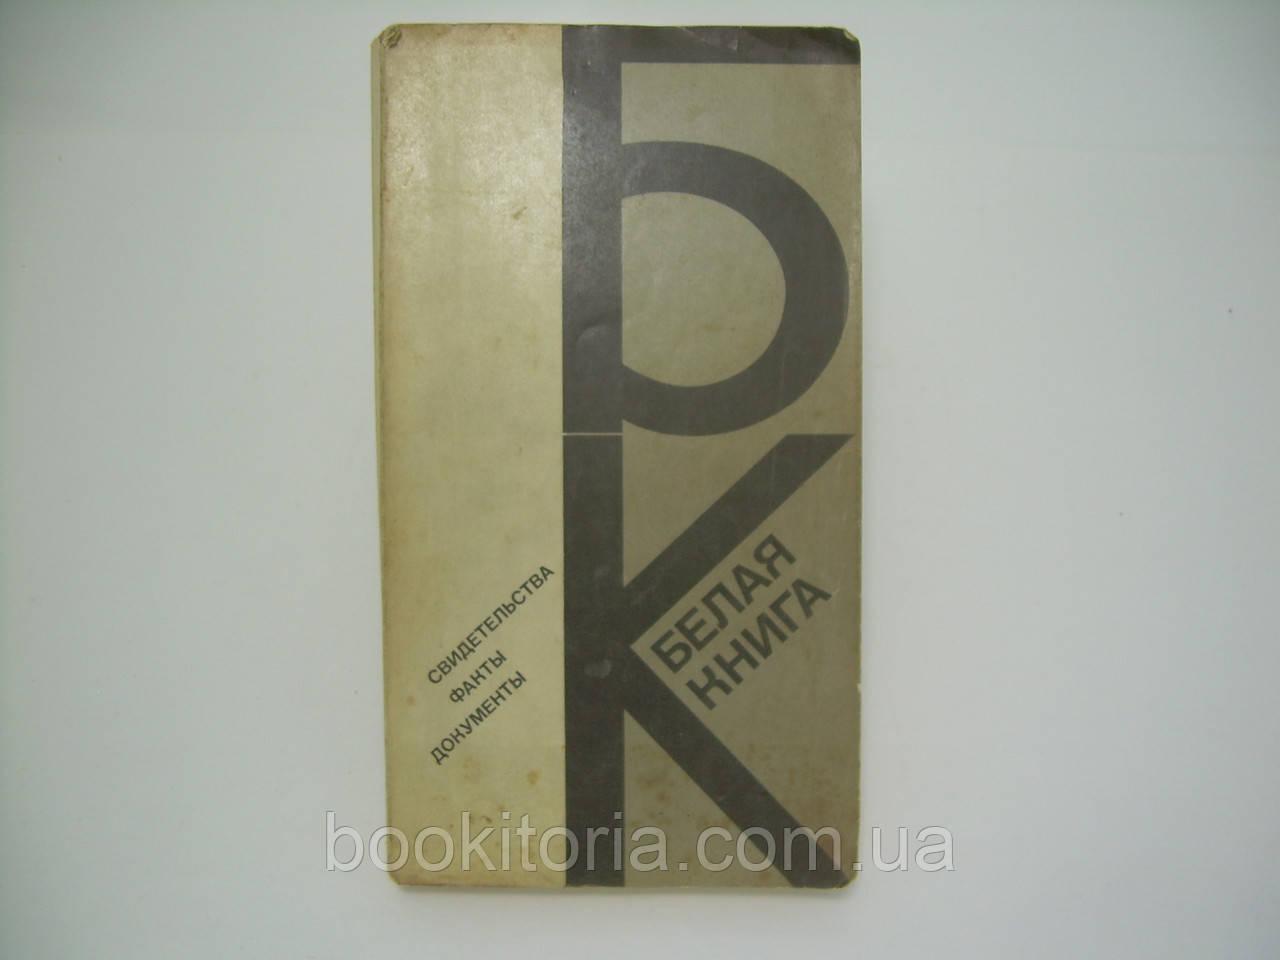 Белая книга: свидетельства, факты, документы (б/у).